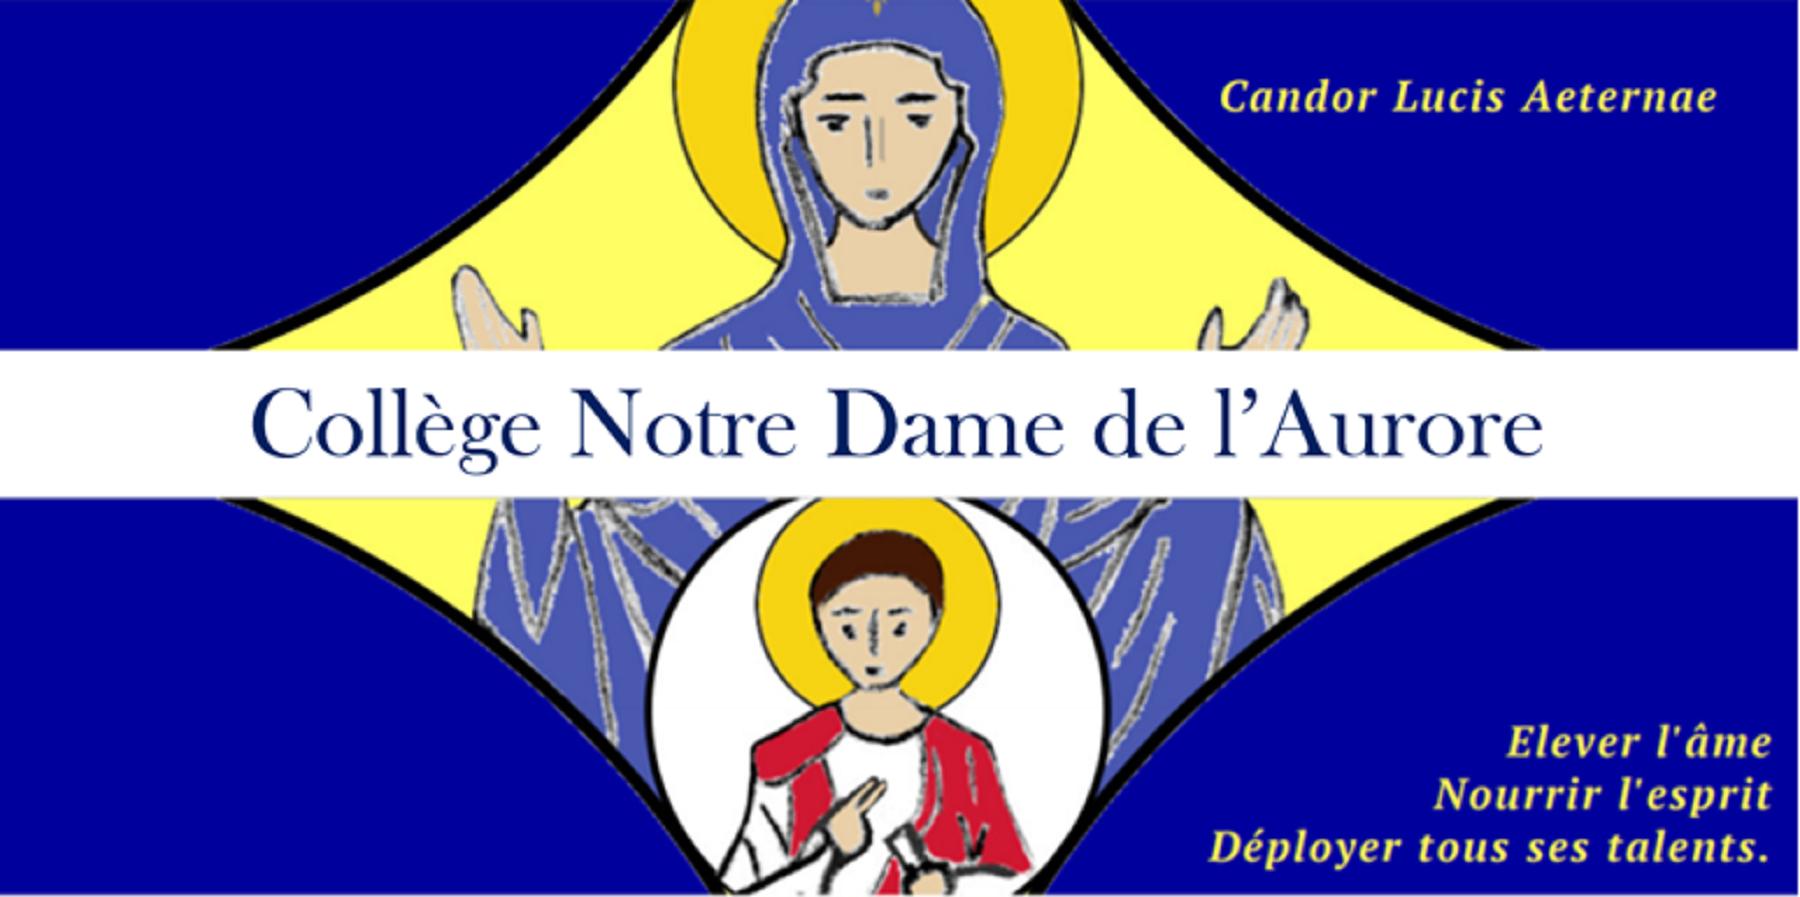 image_thumb_Collège Notre Dame de l'Aurore : Une éducation intégrale pour tous !